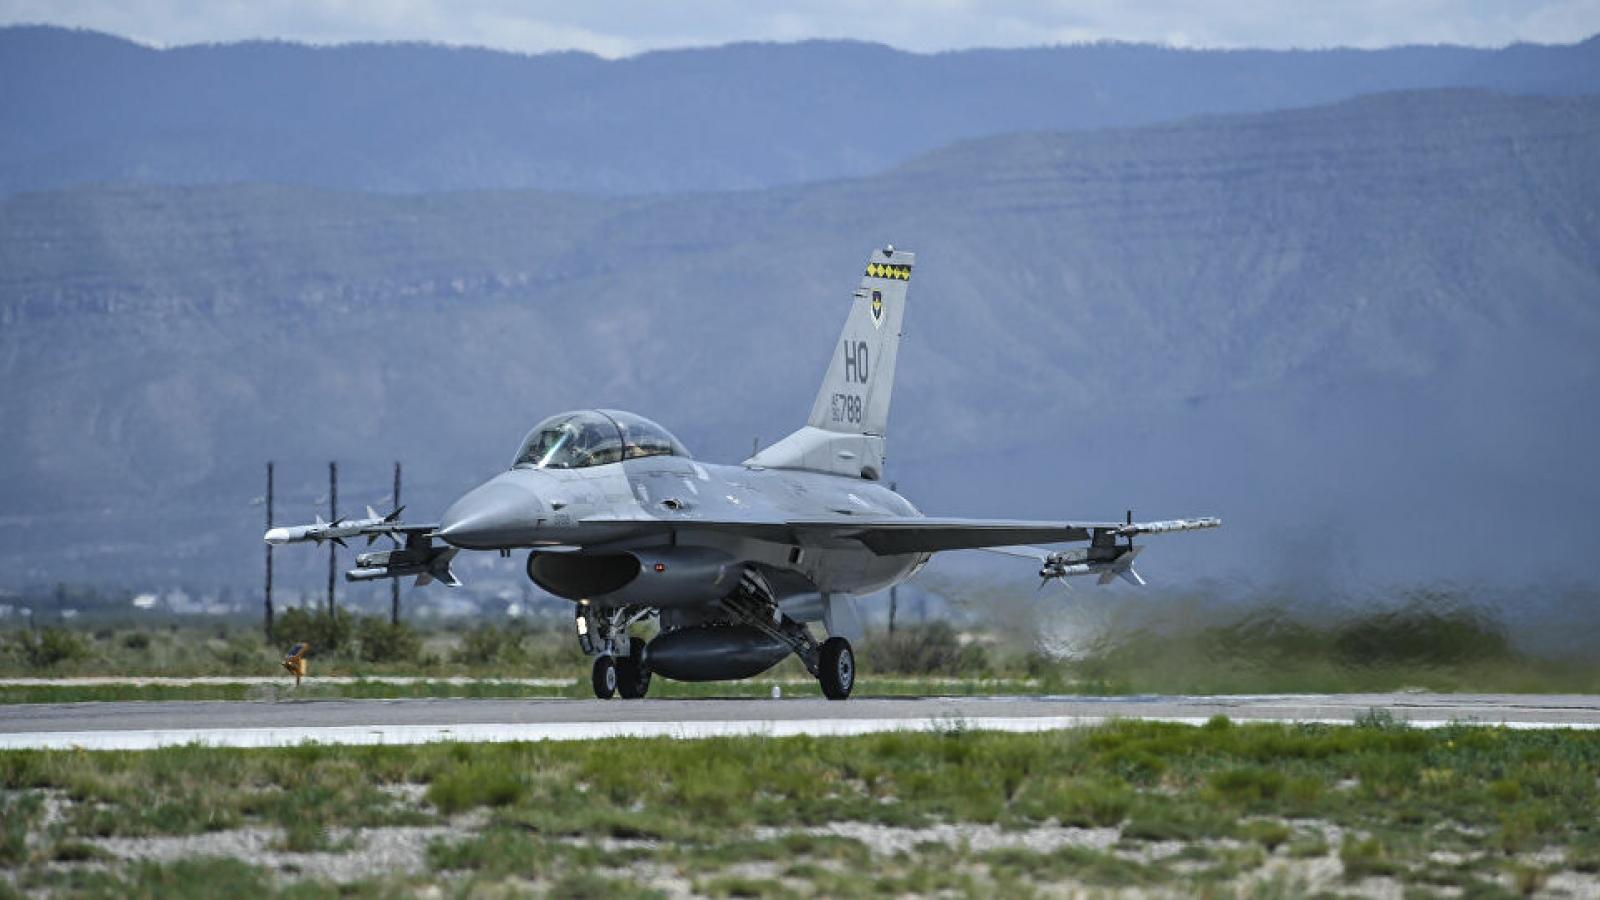 Tiêm kích F-16 của Mỹ gặp nạn, phi công bị thương